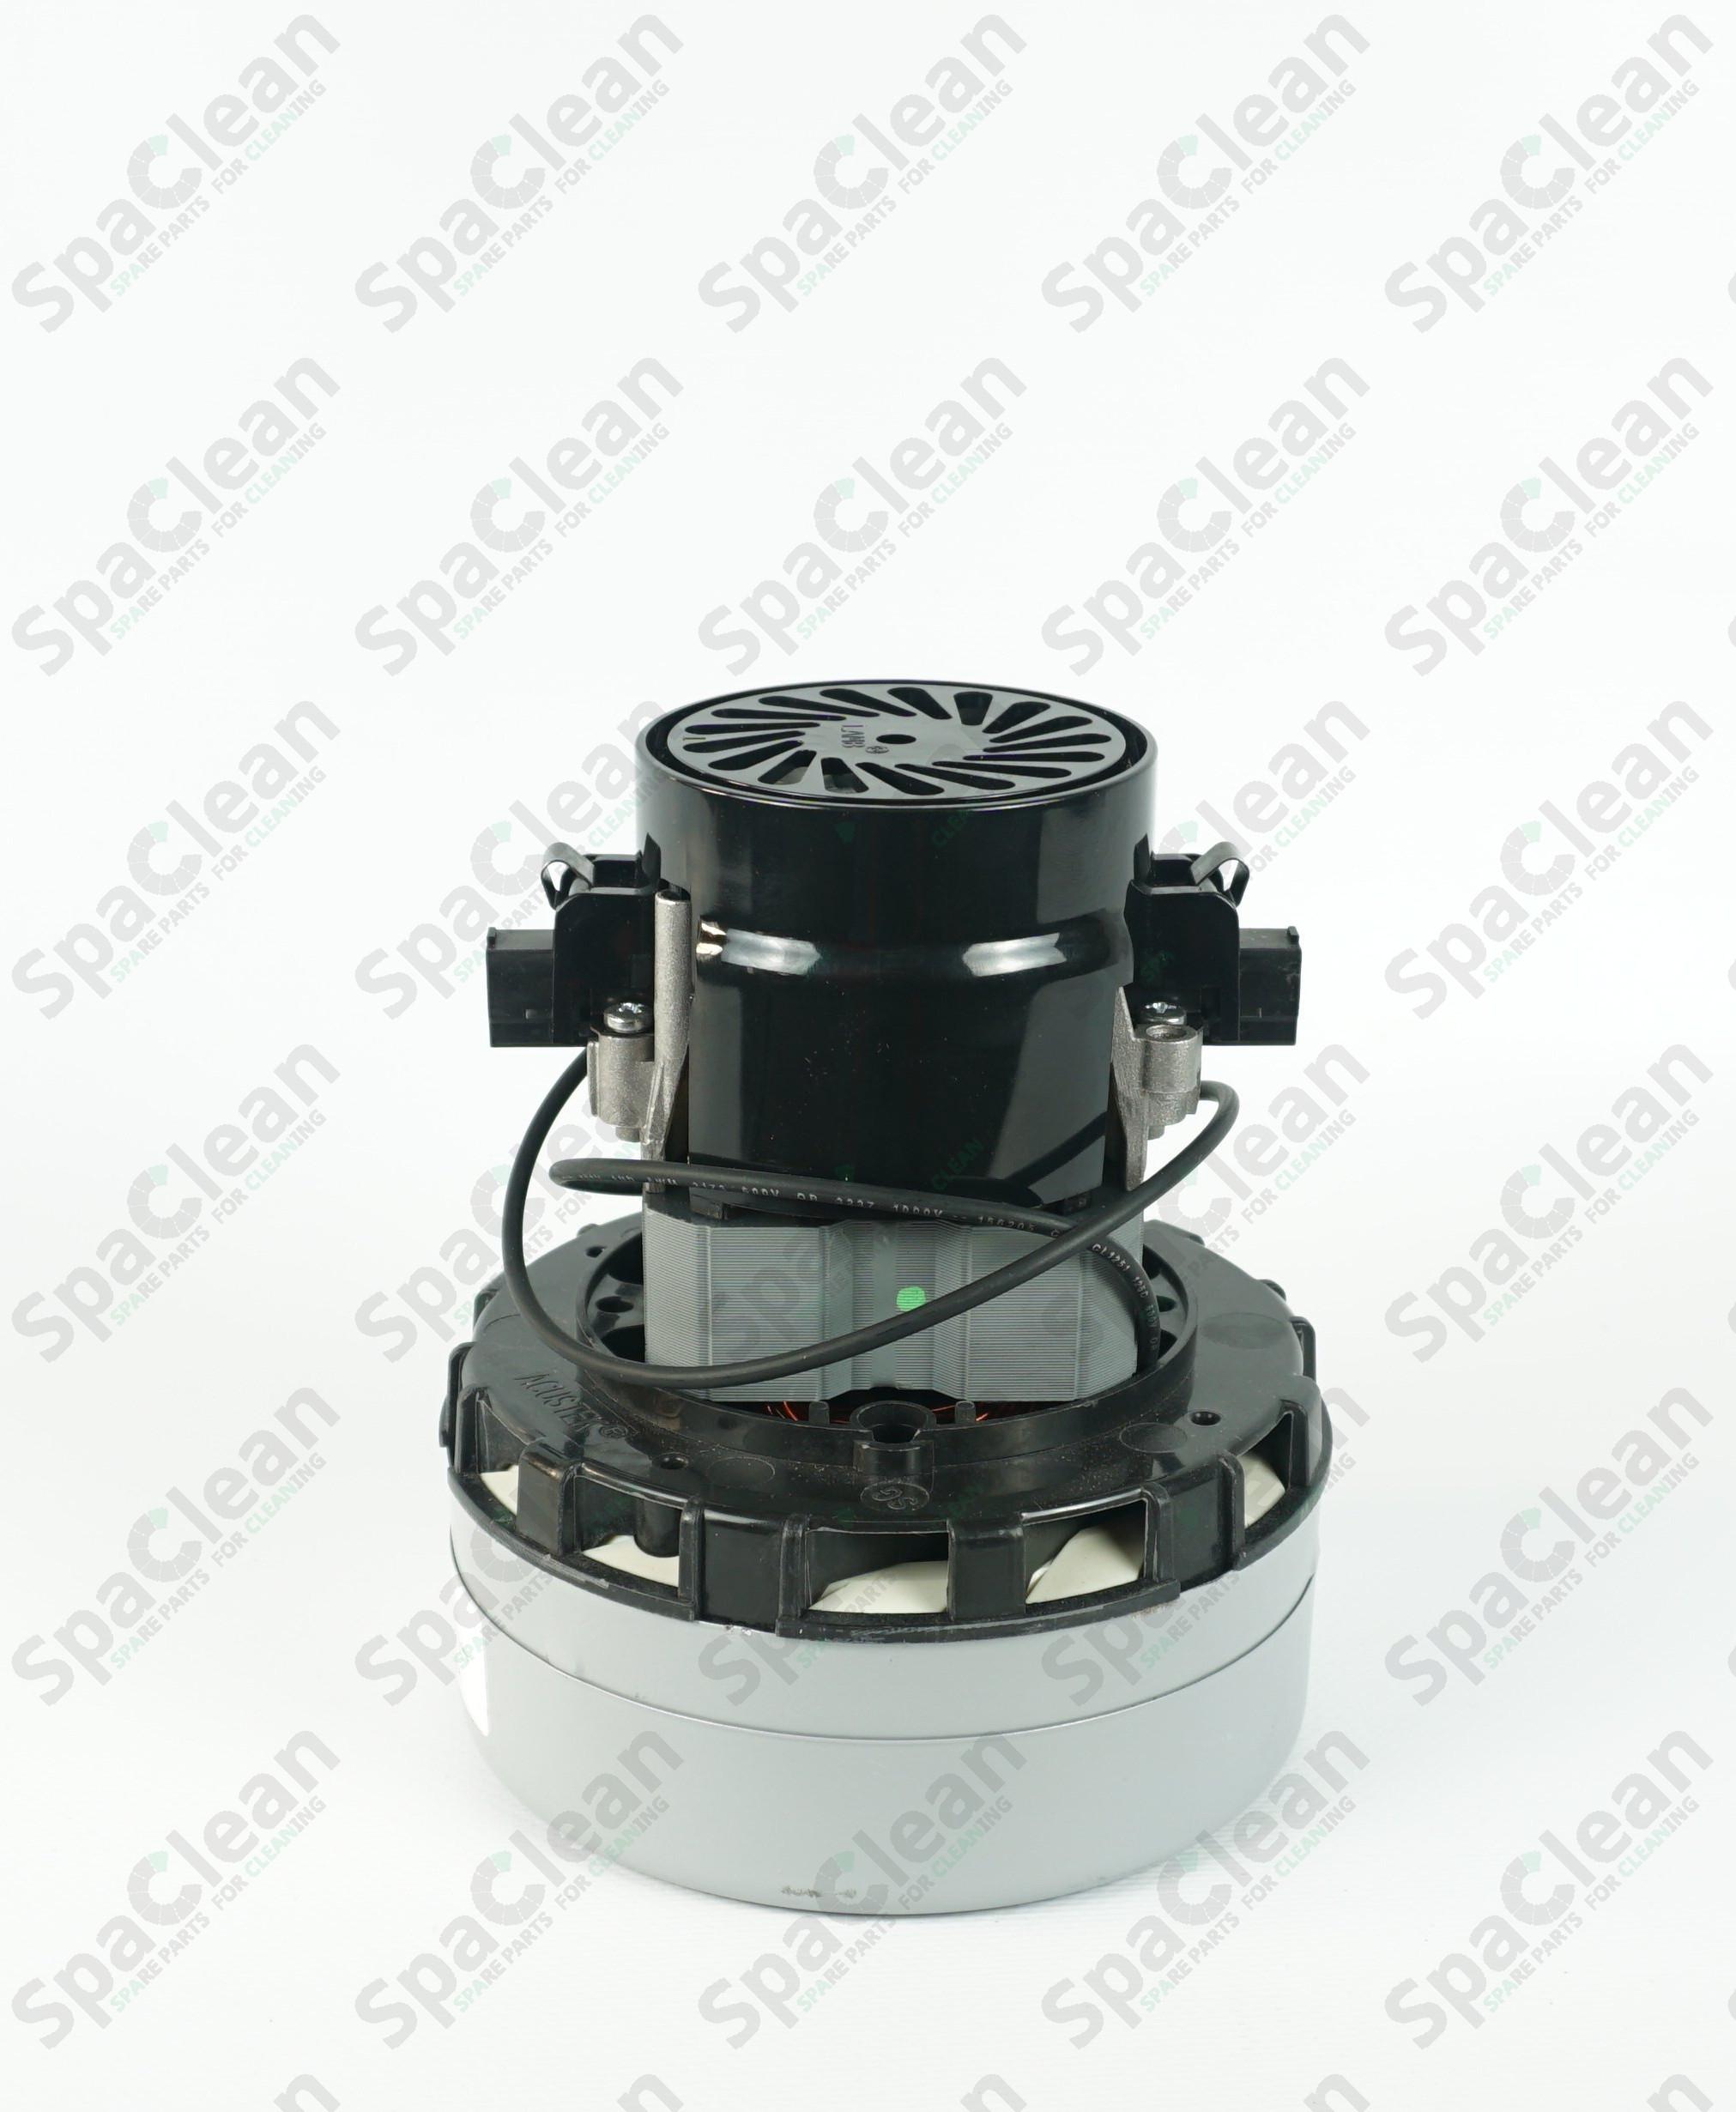 Вакуумный мотор 24V 420W Двухстадийный для Fimap Minny 20